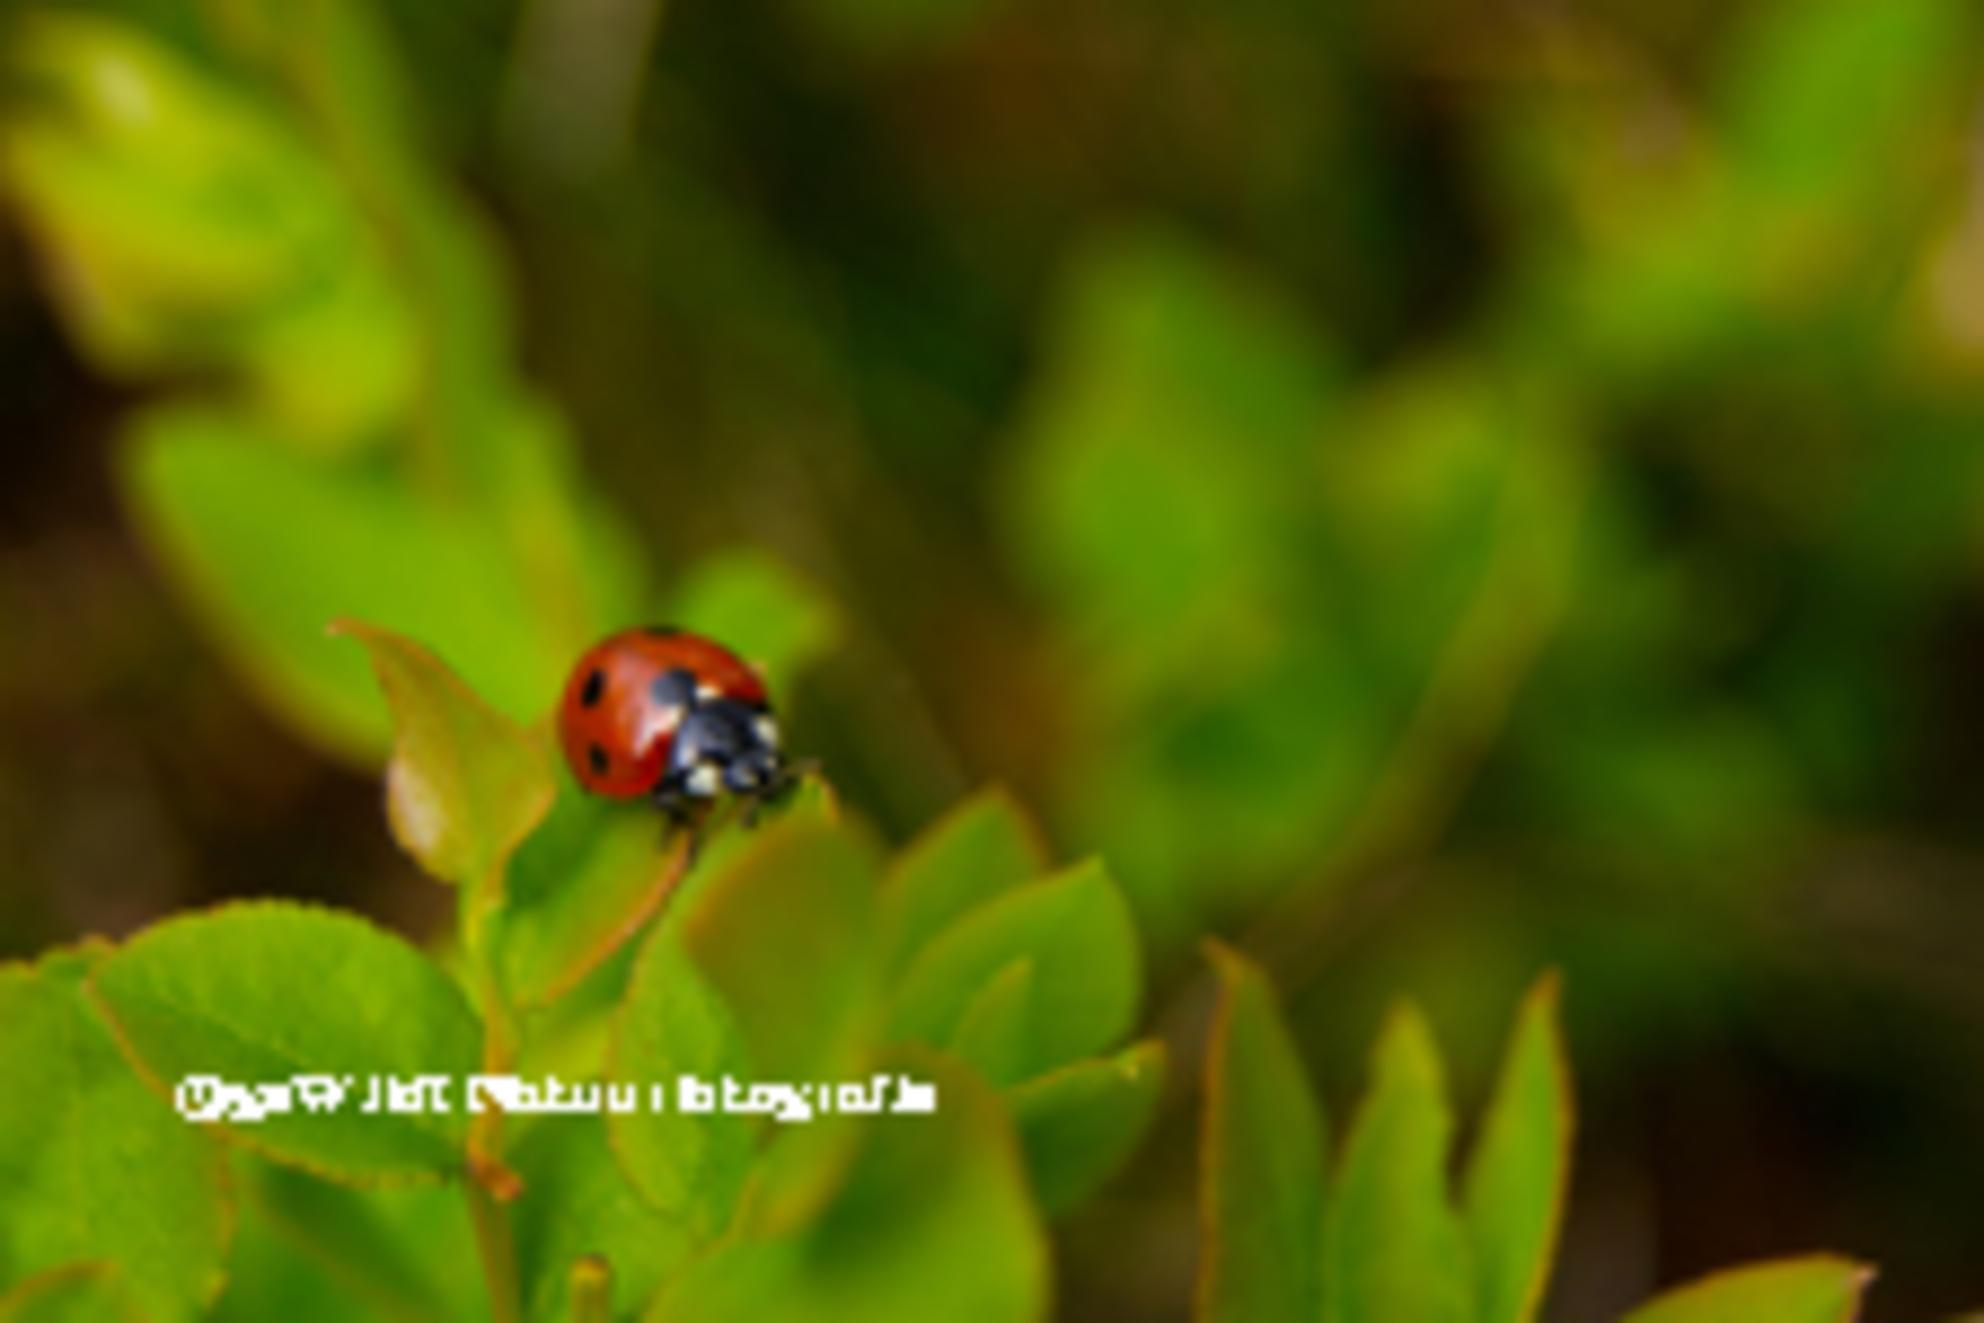 Lieveheersbeestje - Zonder geluk vaart niemand wel, en als je een lieveheersbeestje op de foto wilt zetten, gaat dat zeker op. Na een heleboel vruchteloze pogingen, was  - foto door gewildnatuurfotografie op 29-04-2012 - deze foto bevat: rood, lieveheersbeestje, insect, dier